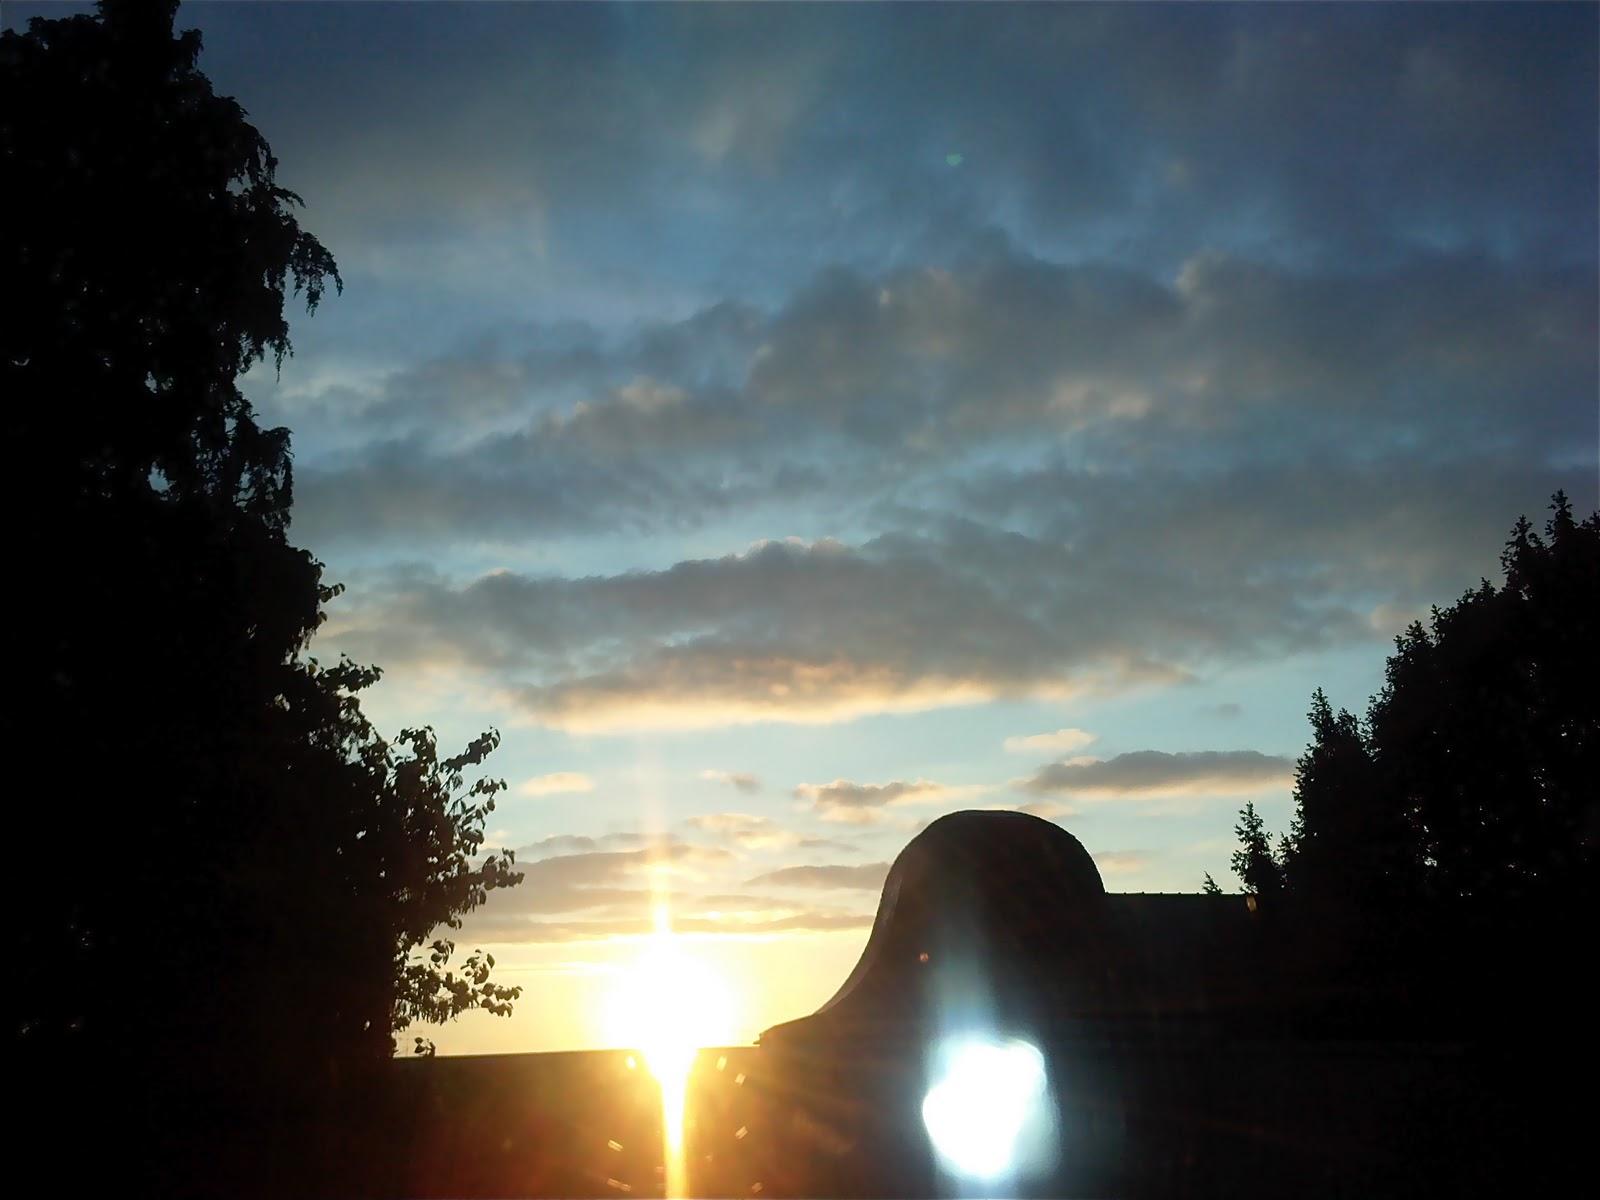 http://4.bp.blogspot.com/_kB64emkj-pU/TMPrdDy86pI/AAAAAAAAXqM/RROXoxpKMB8/s1600/Photo0447.jpg